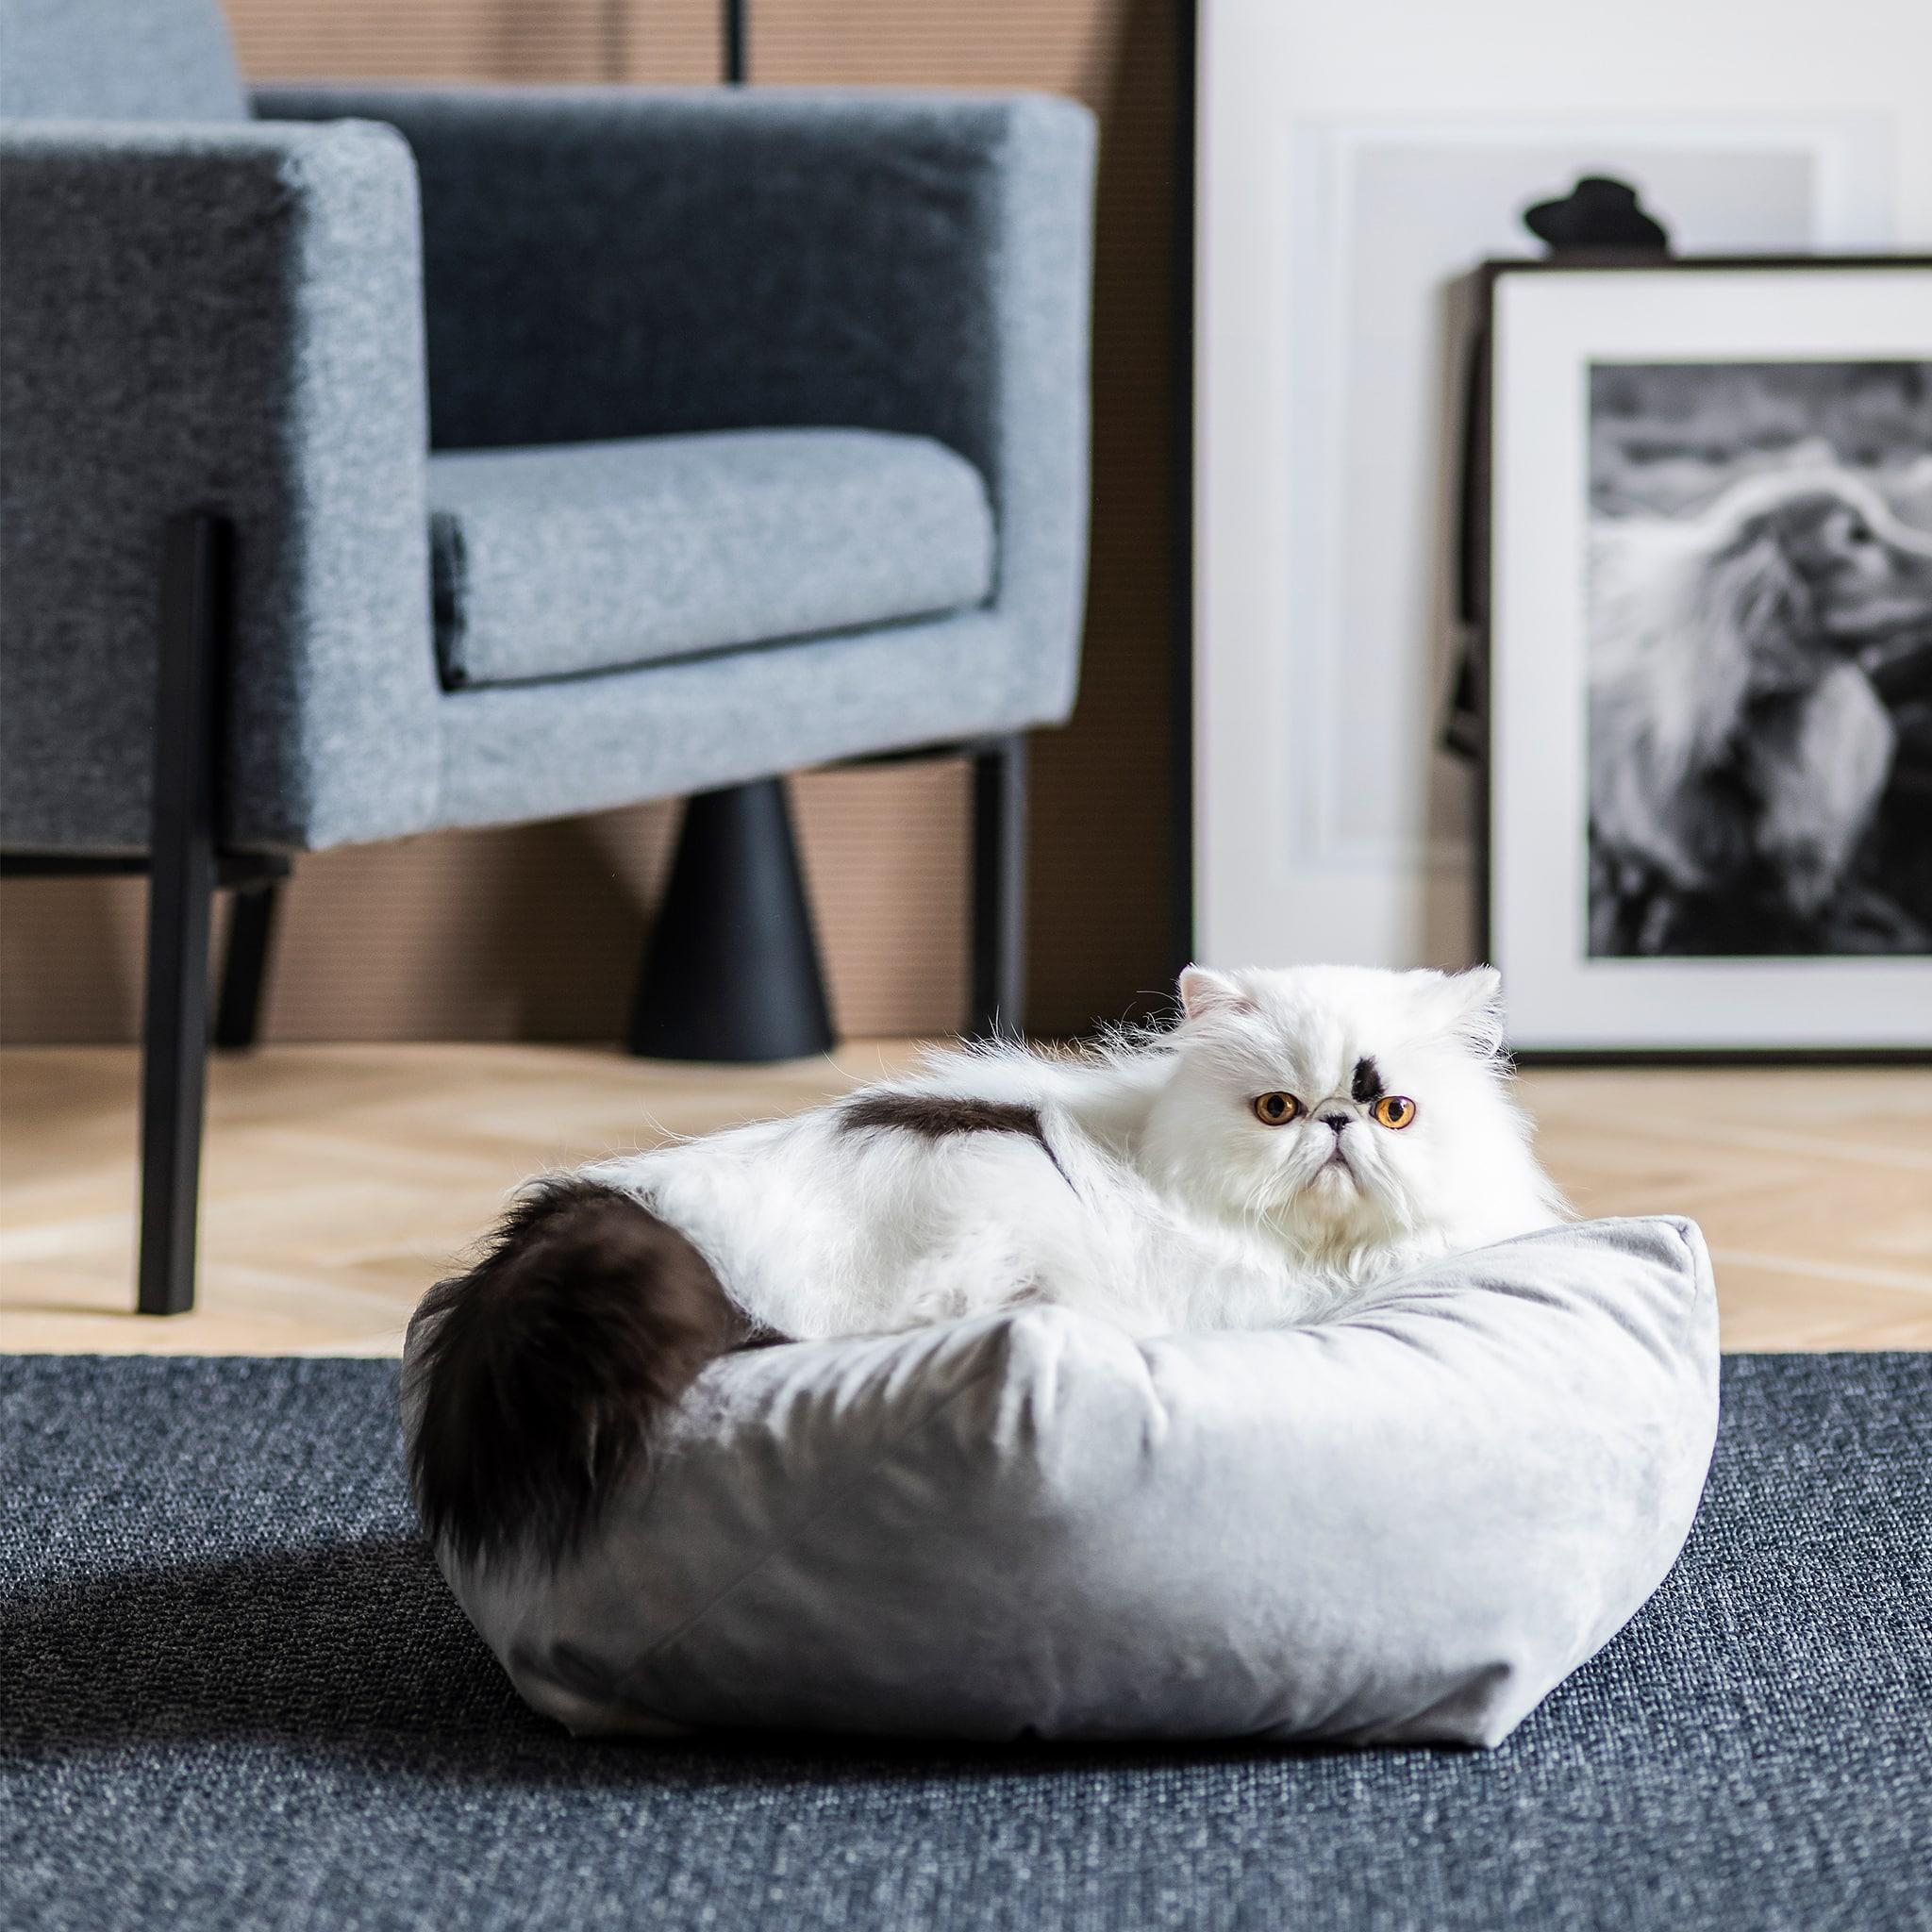 玄關放有層架及掛放戶外衣物的衣帽架,一隻狗躺在鞋架旁的寵物床上。